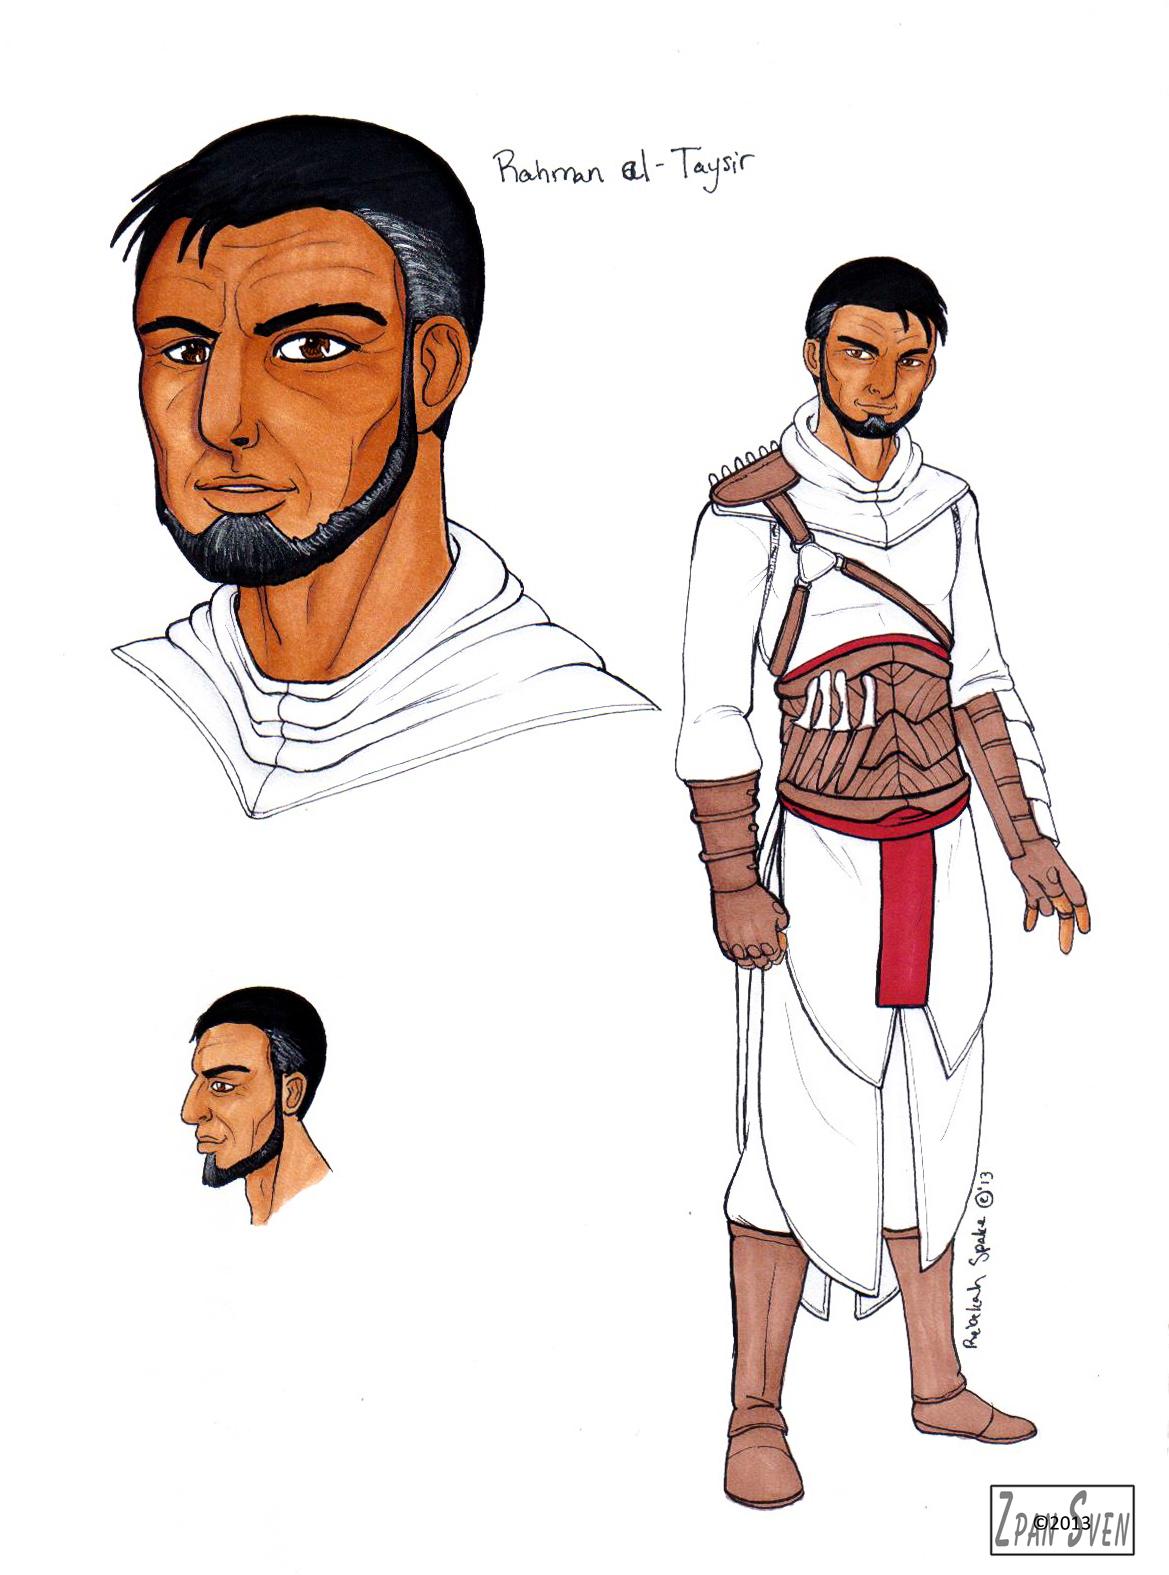 Rahman al-Taysir by ZpanSven